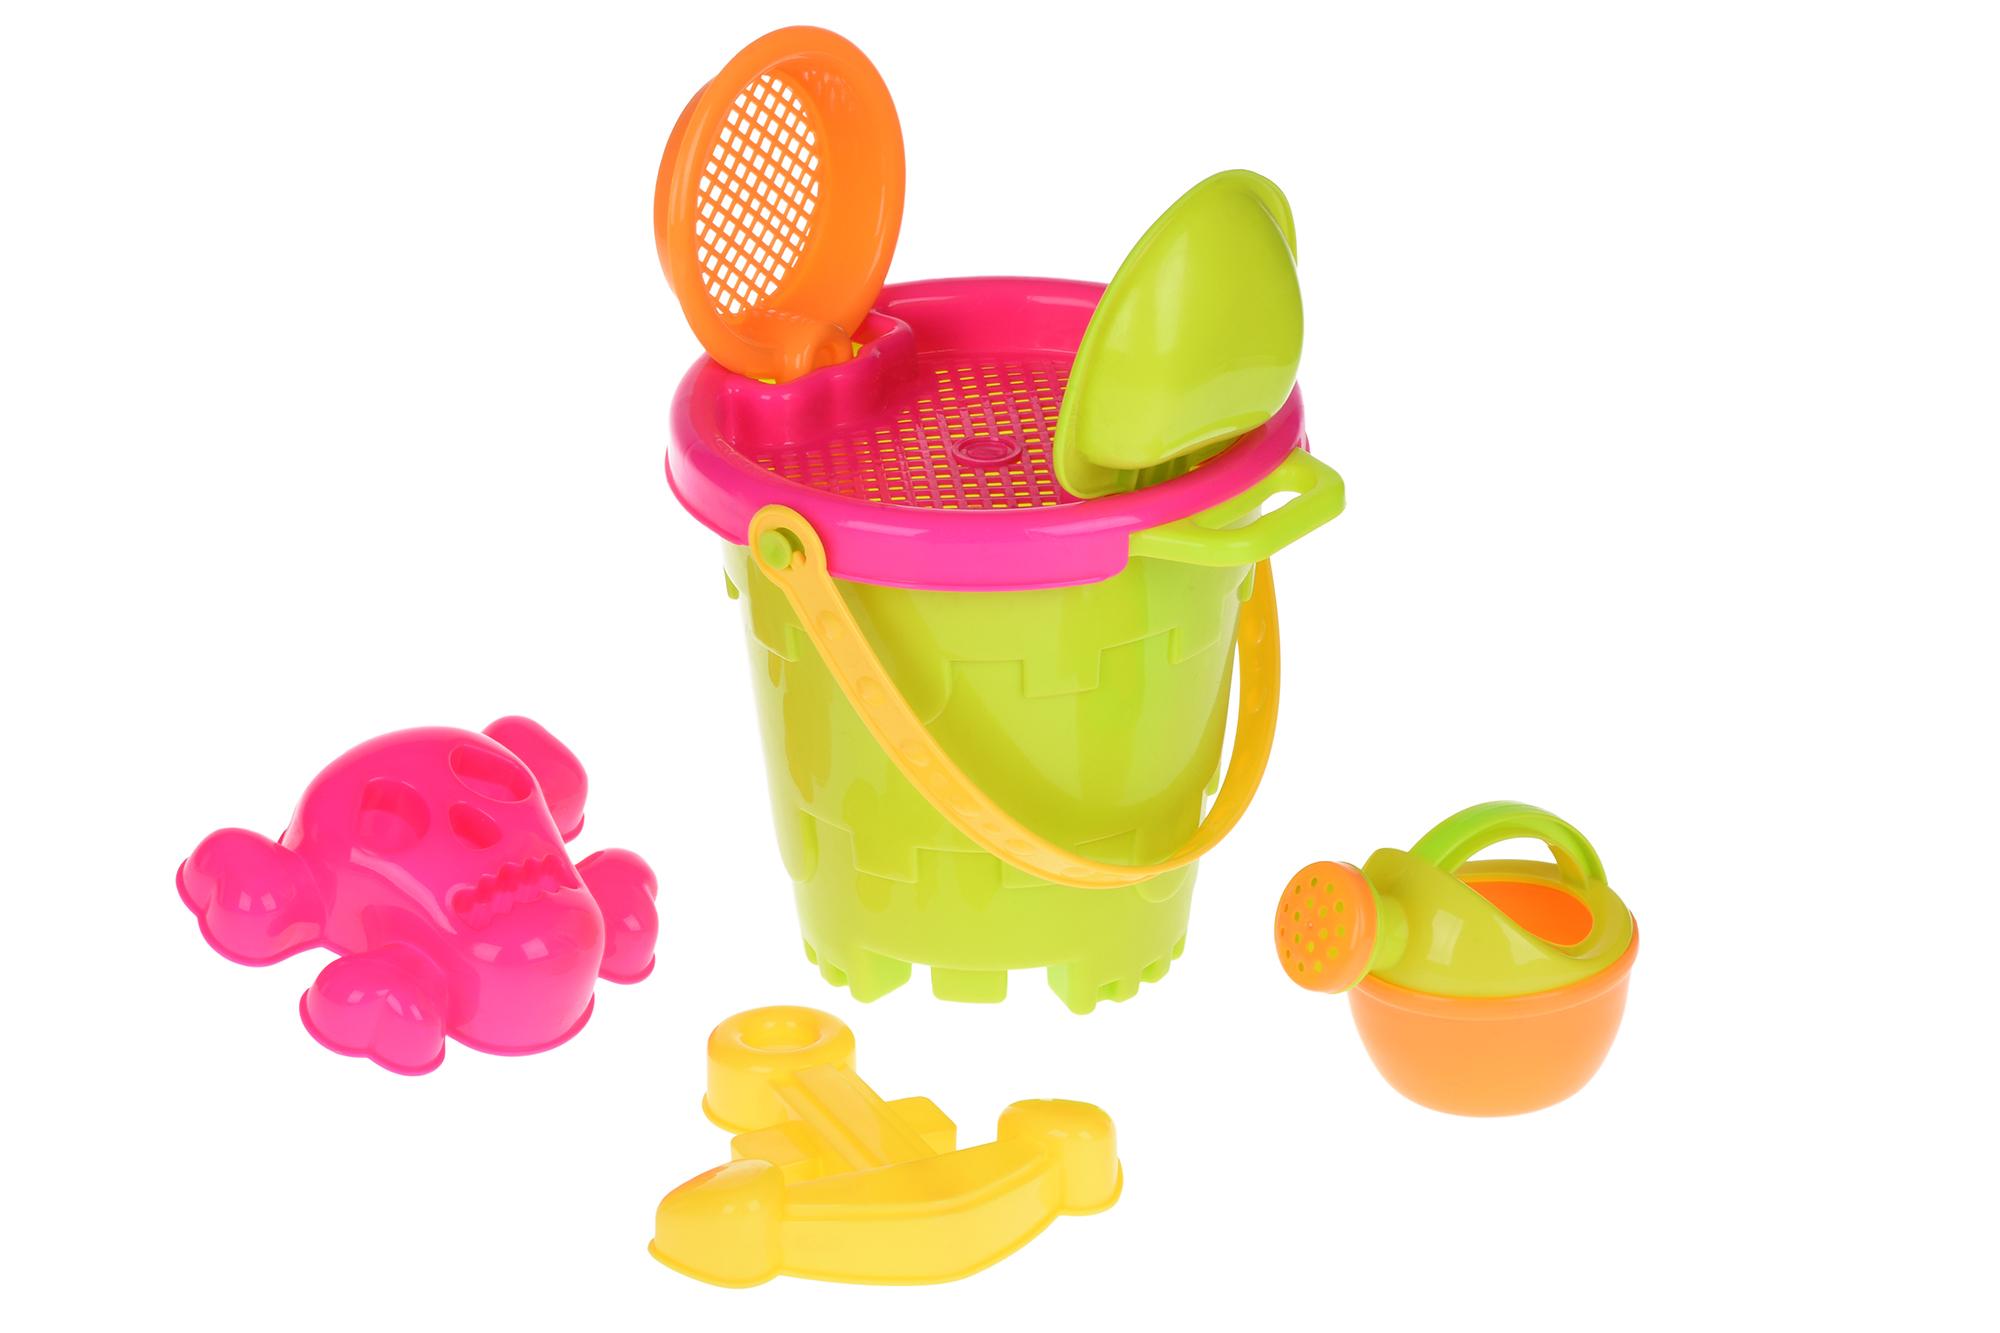 Same Toy Набор для игры с песком Ведерко зеленое (6 ед.)